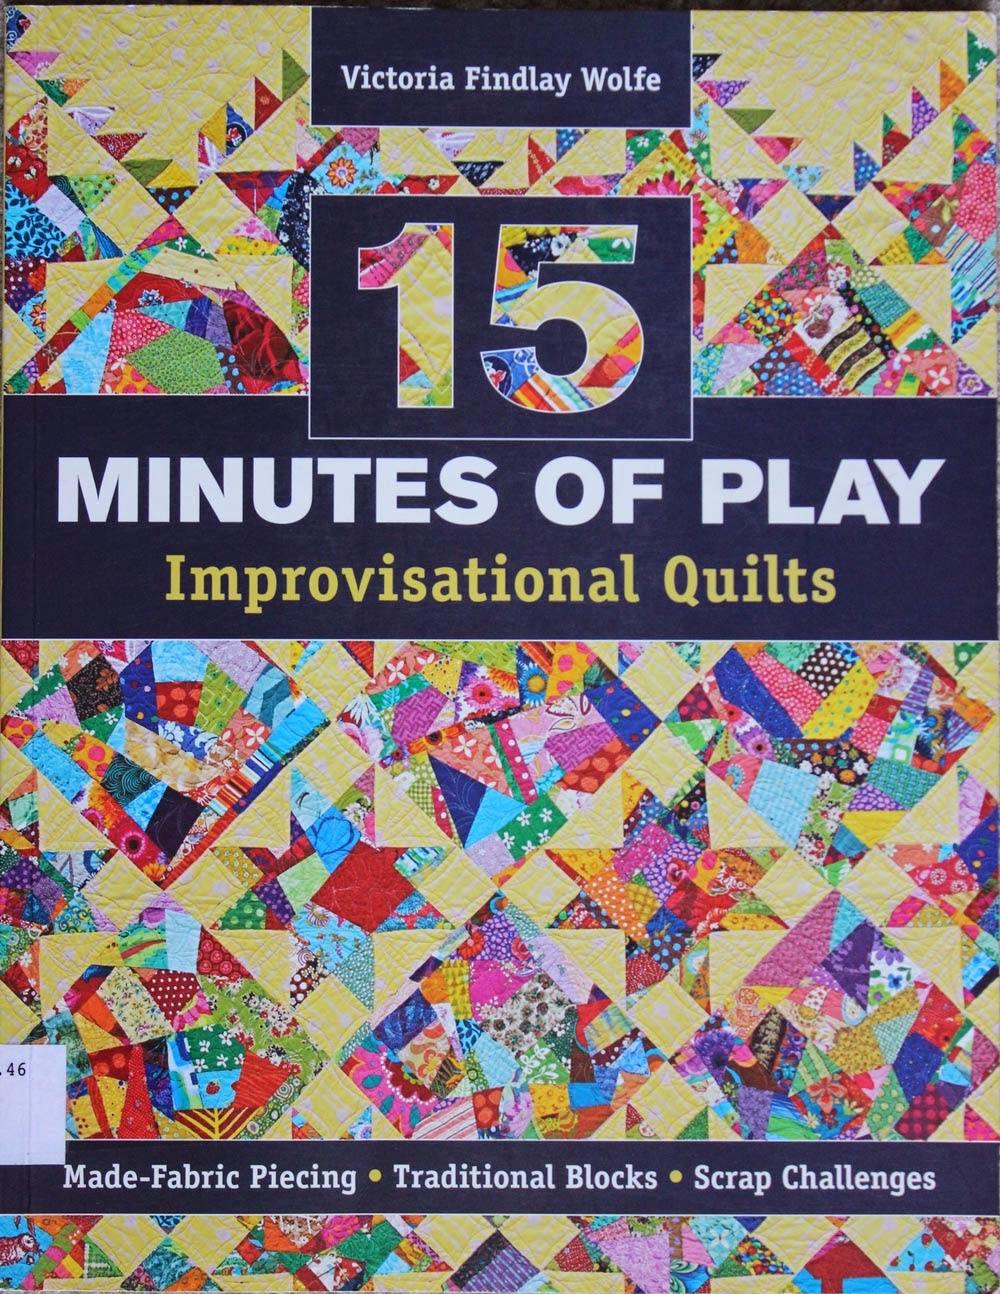 https://www.amazon.com/minutes-Play-Improvisational-Quilts-Made-Fabric-ebook/dp/B00BQA3VWW/ref=as_li_qf_sp_asin_til?tag=quiltfab-20&linkCode=w00&creativeASIN=B00BQA3VWW